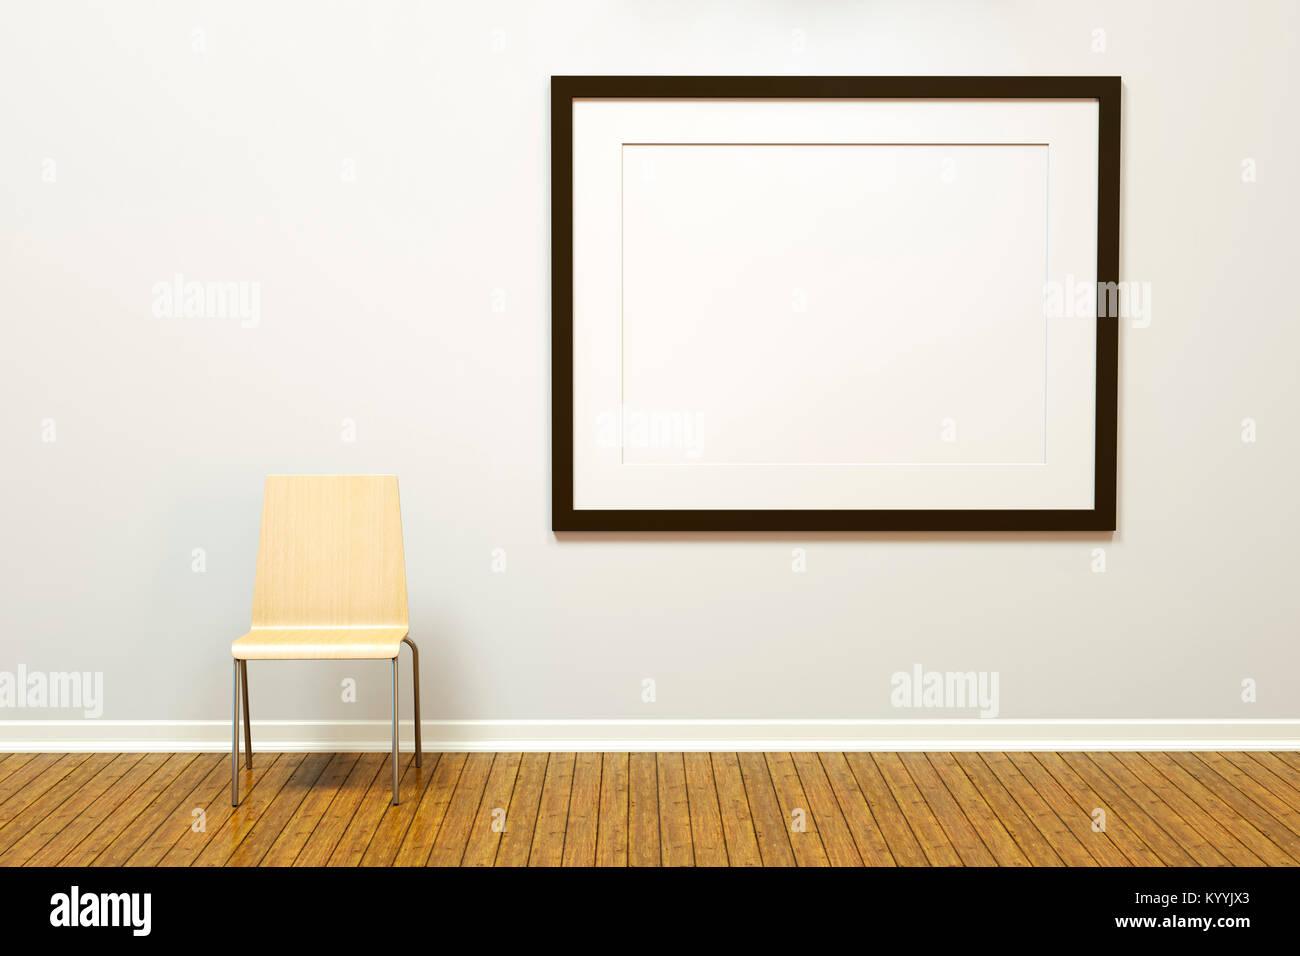 Vuoti di grandi dimensioni immagine orizzontale nel telaio e la galleria d'arte su una parete in una stanza Immagini Stock